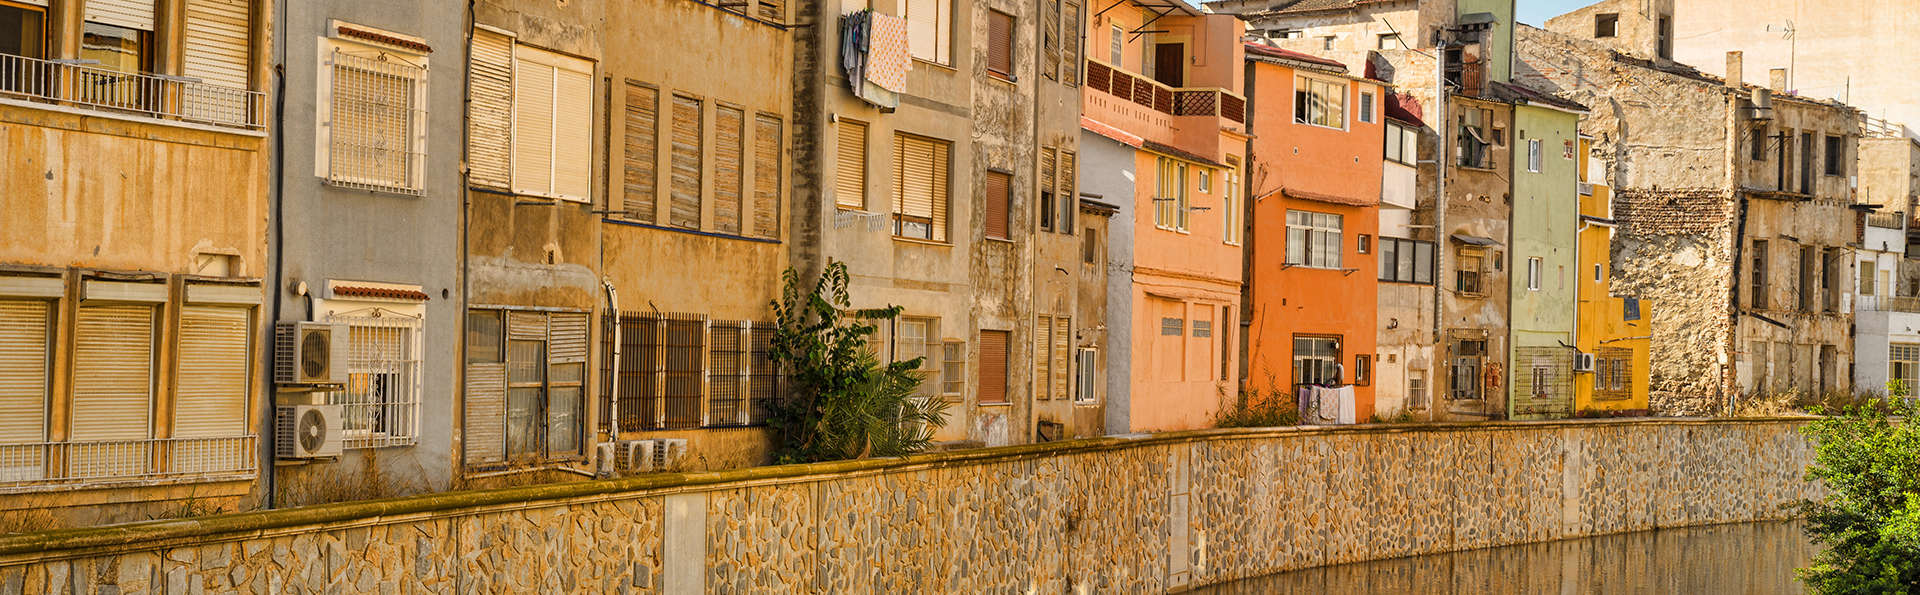 Découvrez le sud d'Alicante dans un hôtel-boutique à Orihuela